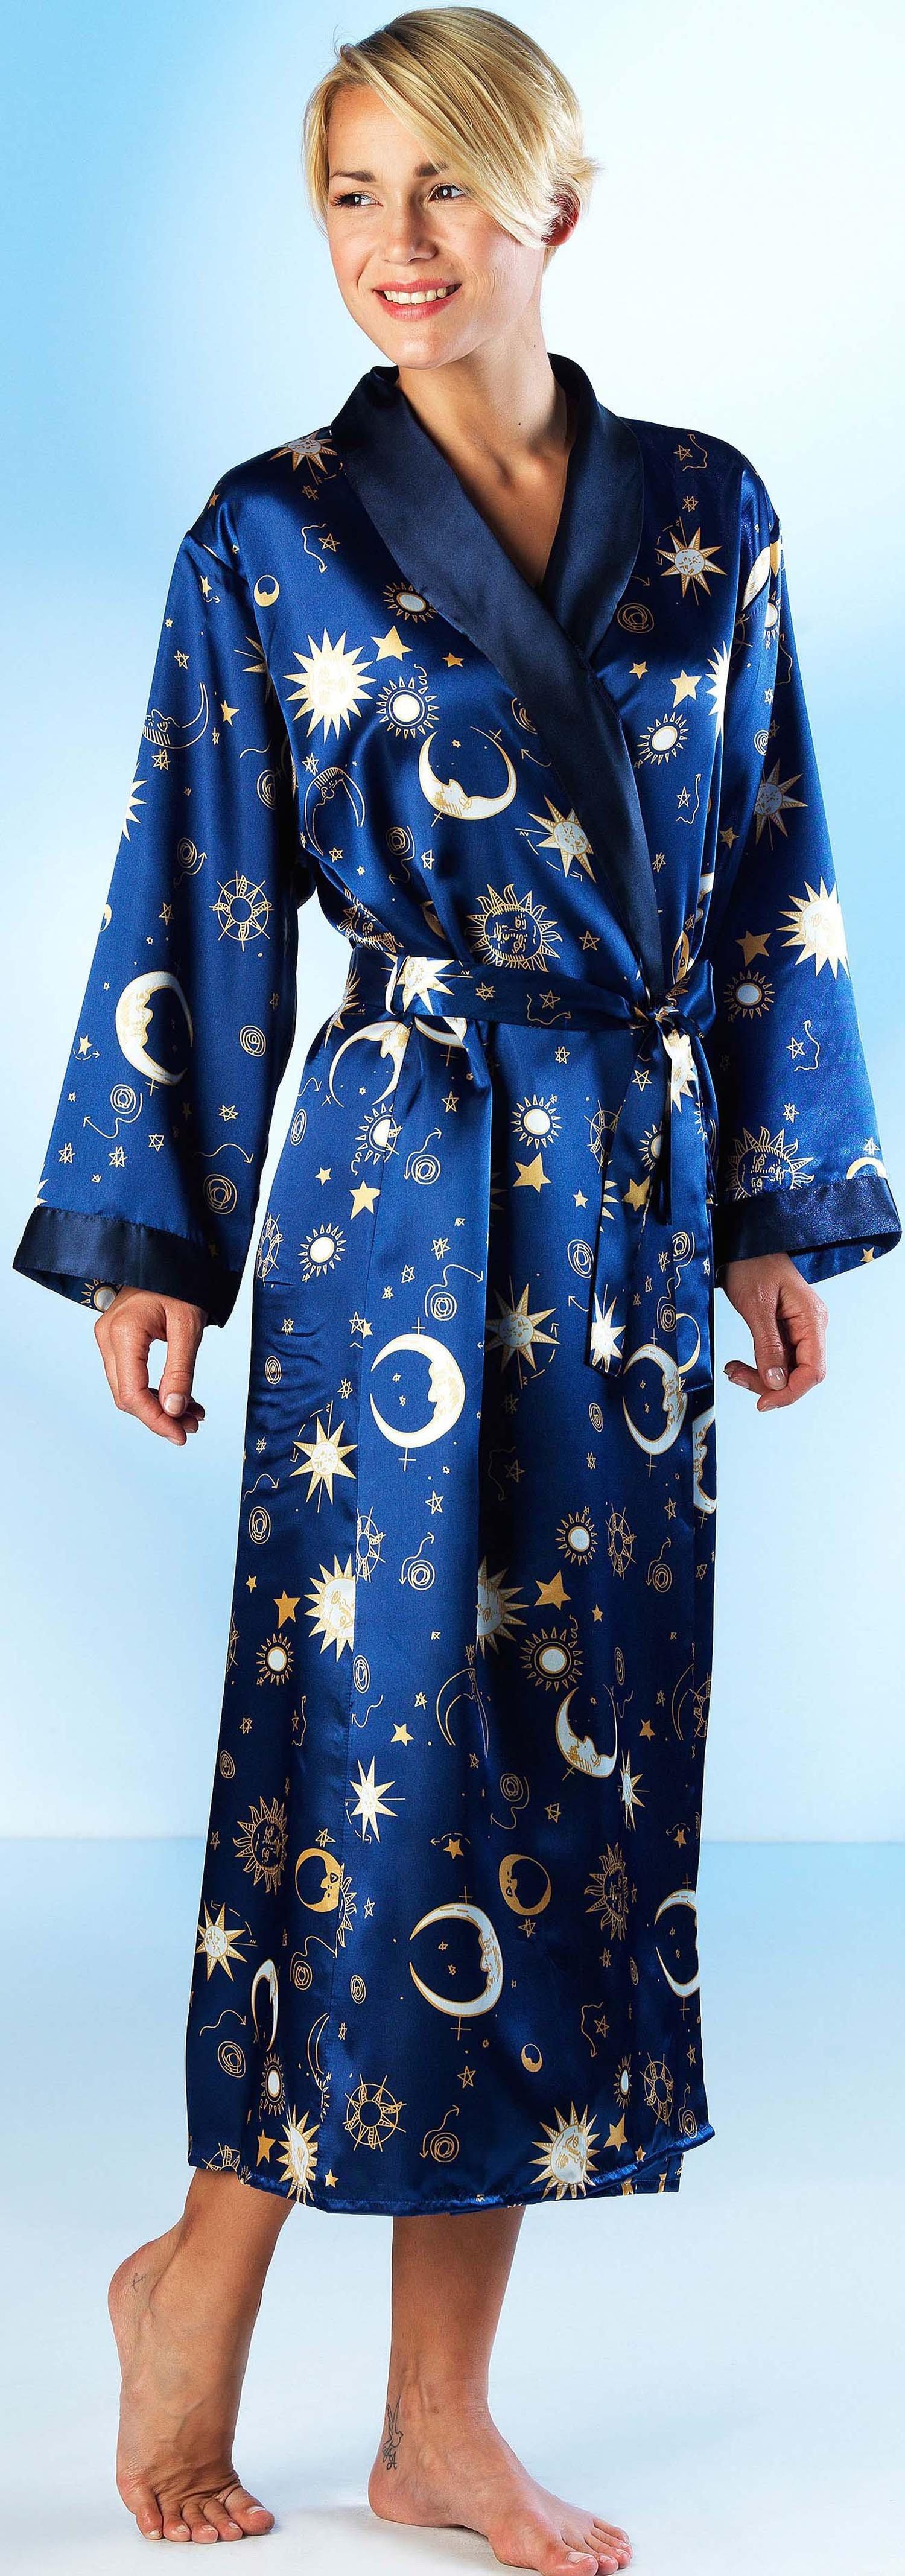 D-Kimono Satin blau L/XL - 1 - Ronja.ch